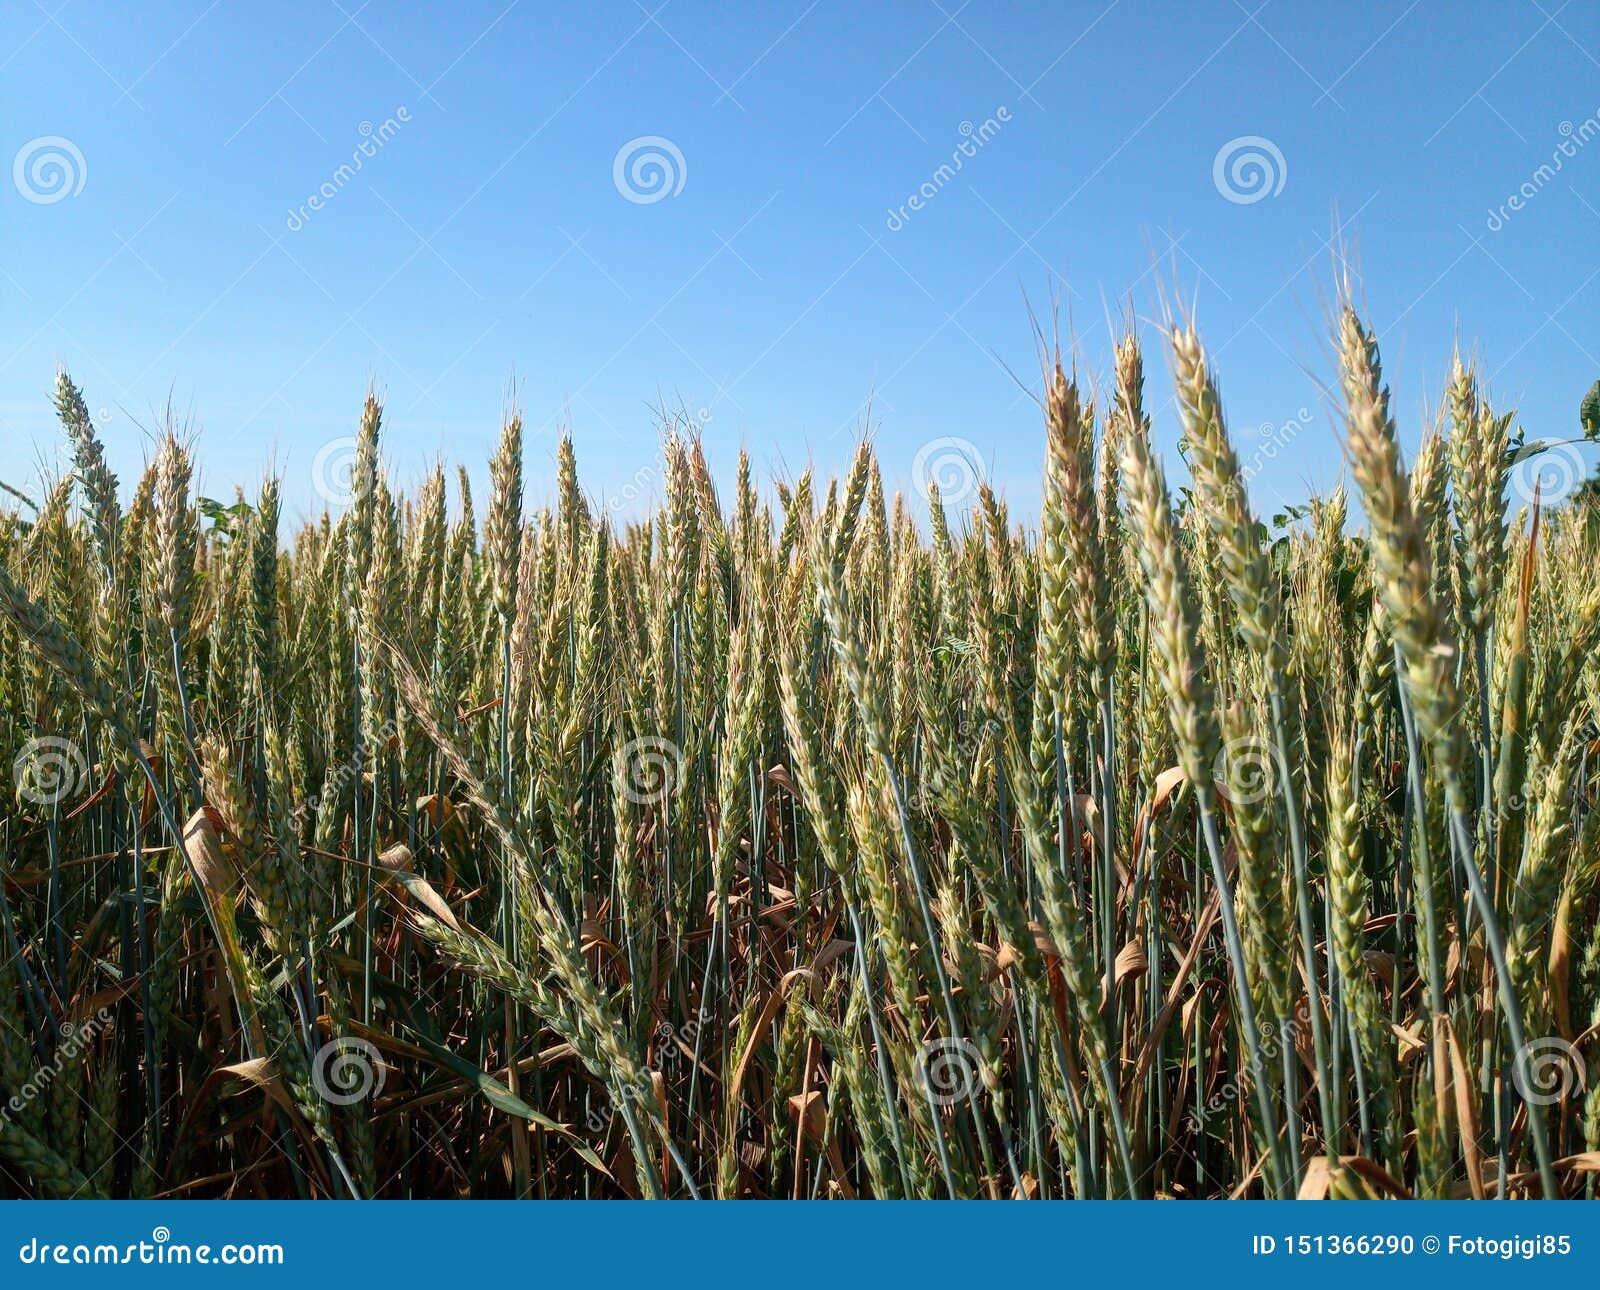 Spikelets av grönt vete i ett fält mot blå himmel